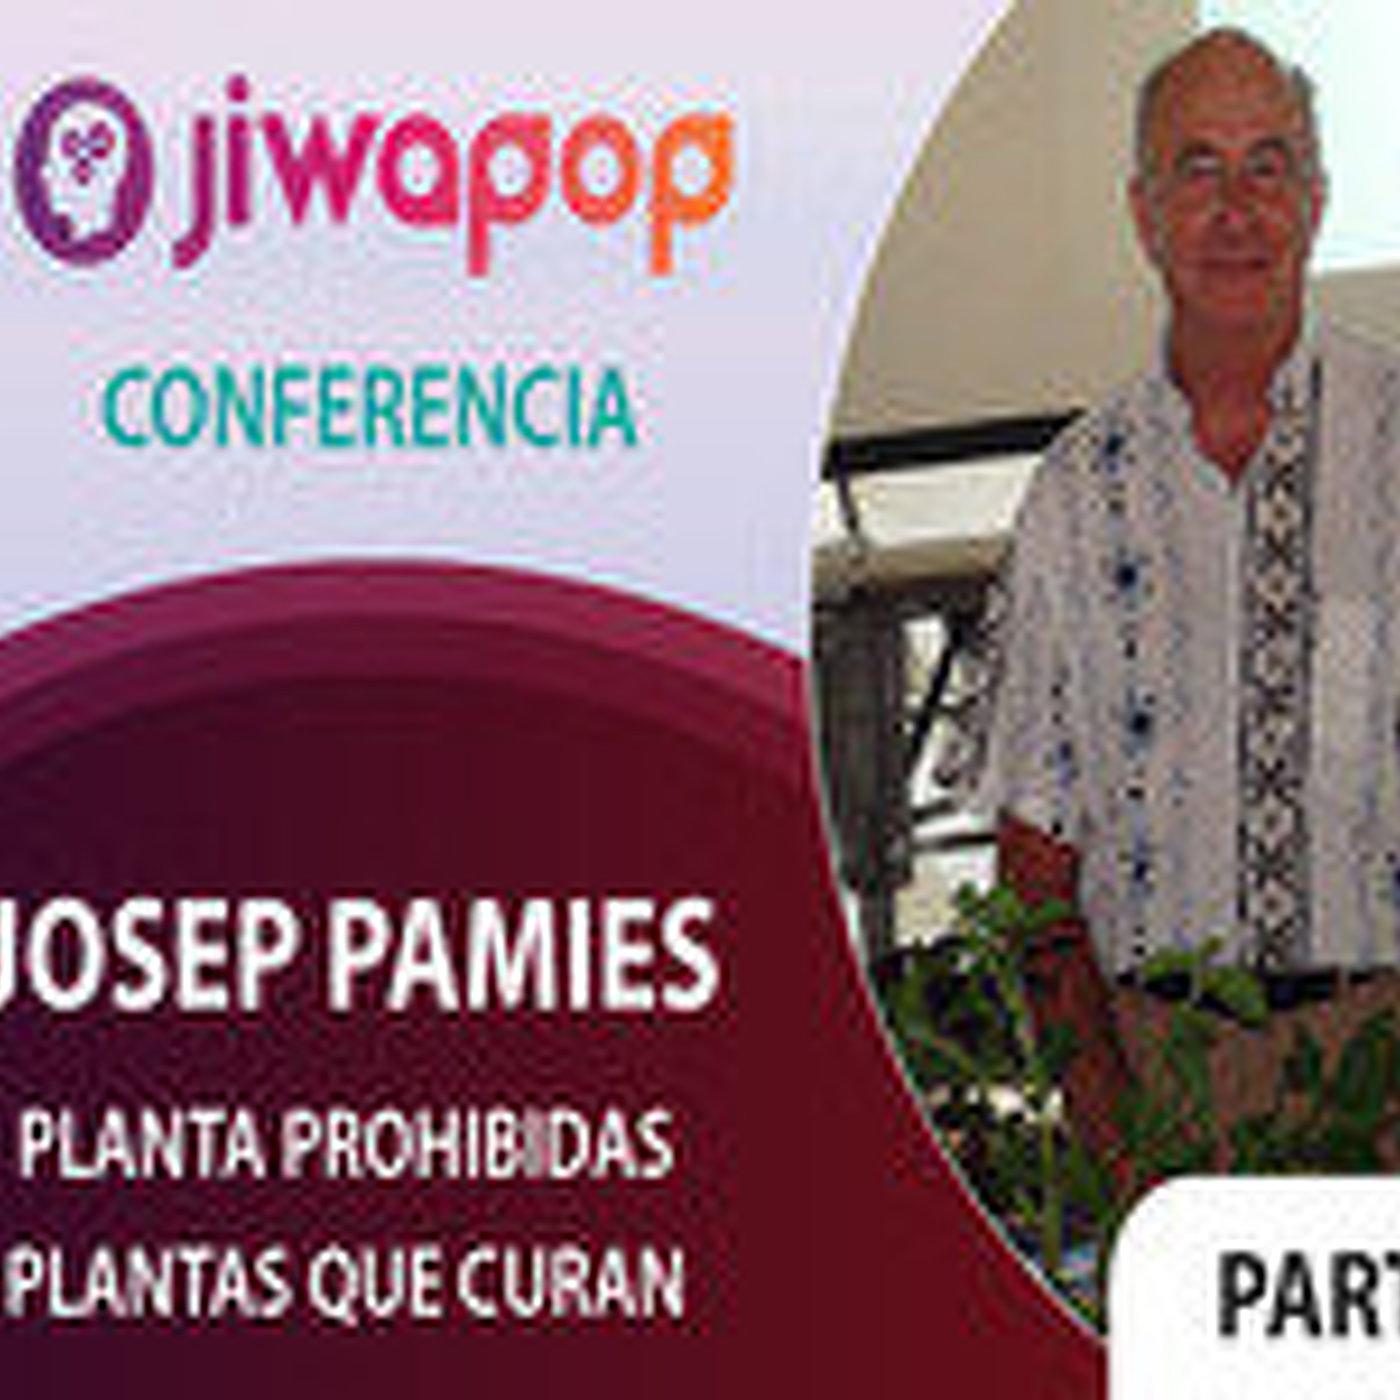 Planta Prohibidas, Plantas que Curan – Josep Pamies… Parte 2 Conferencia en el Festival Jiwapop 2014